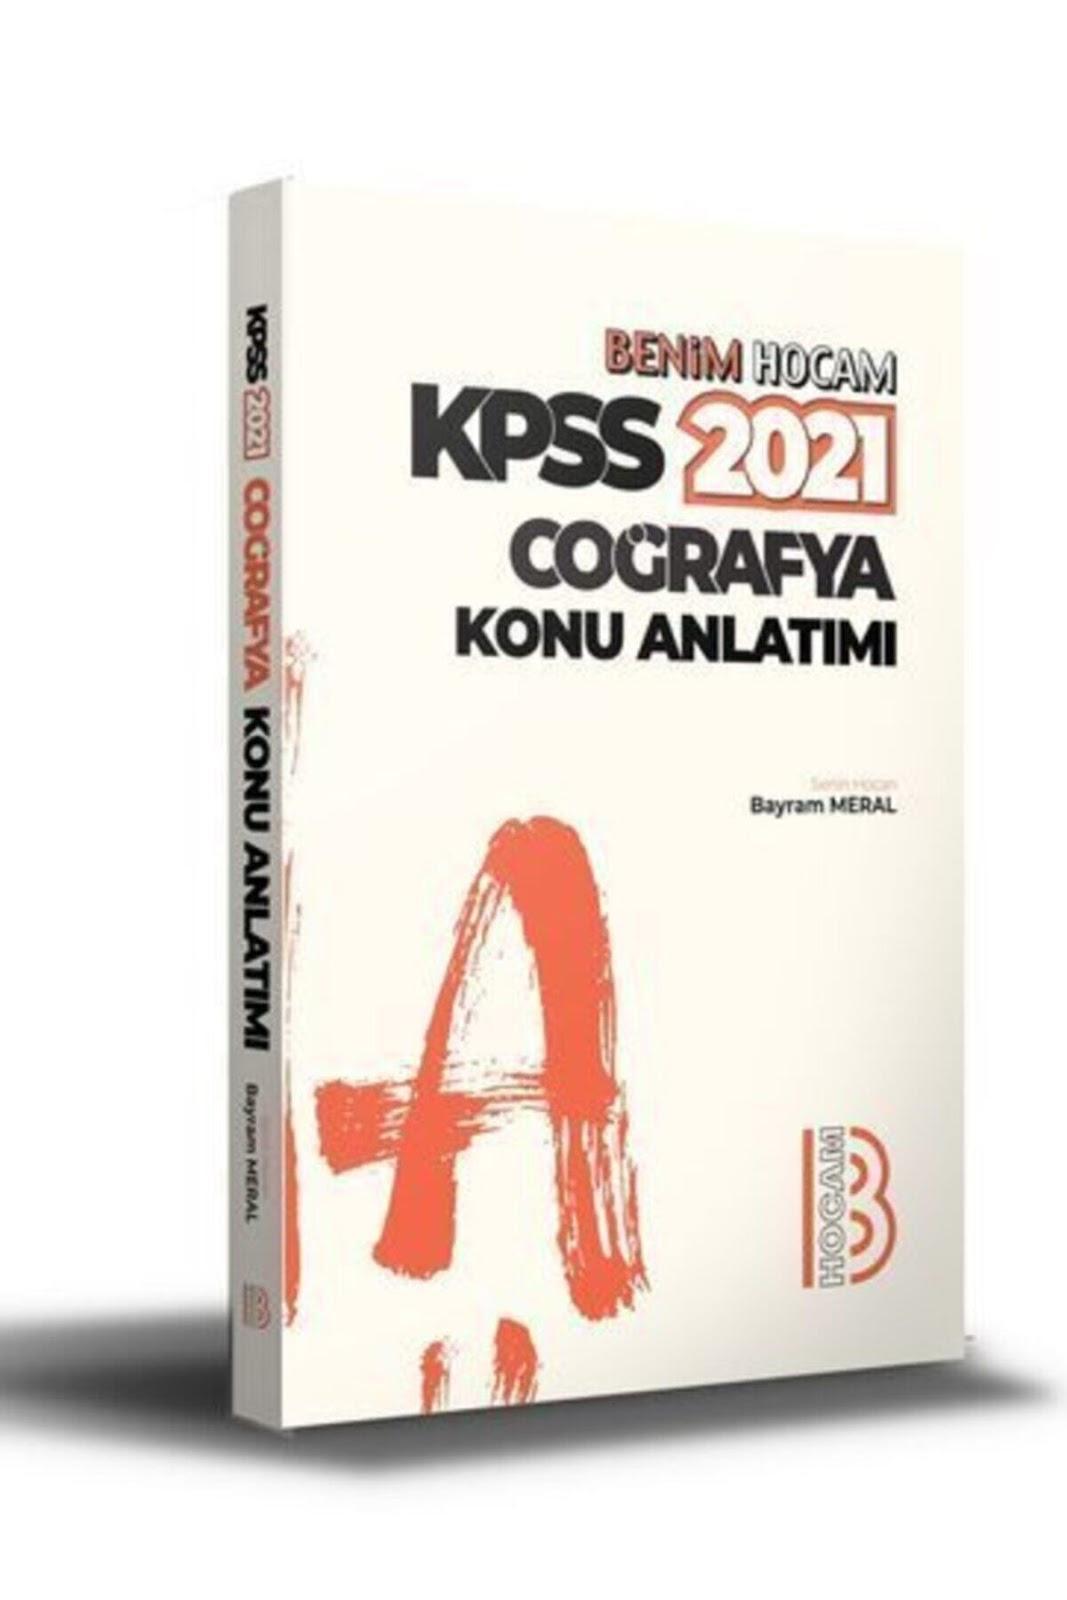 Benim Hocam Yayınları - KPSS Coğrafya - Konu Anlatımı